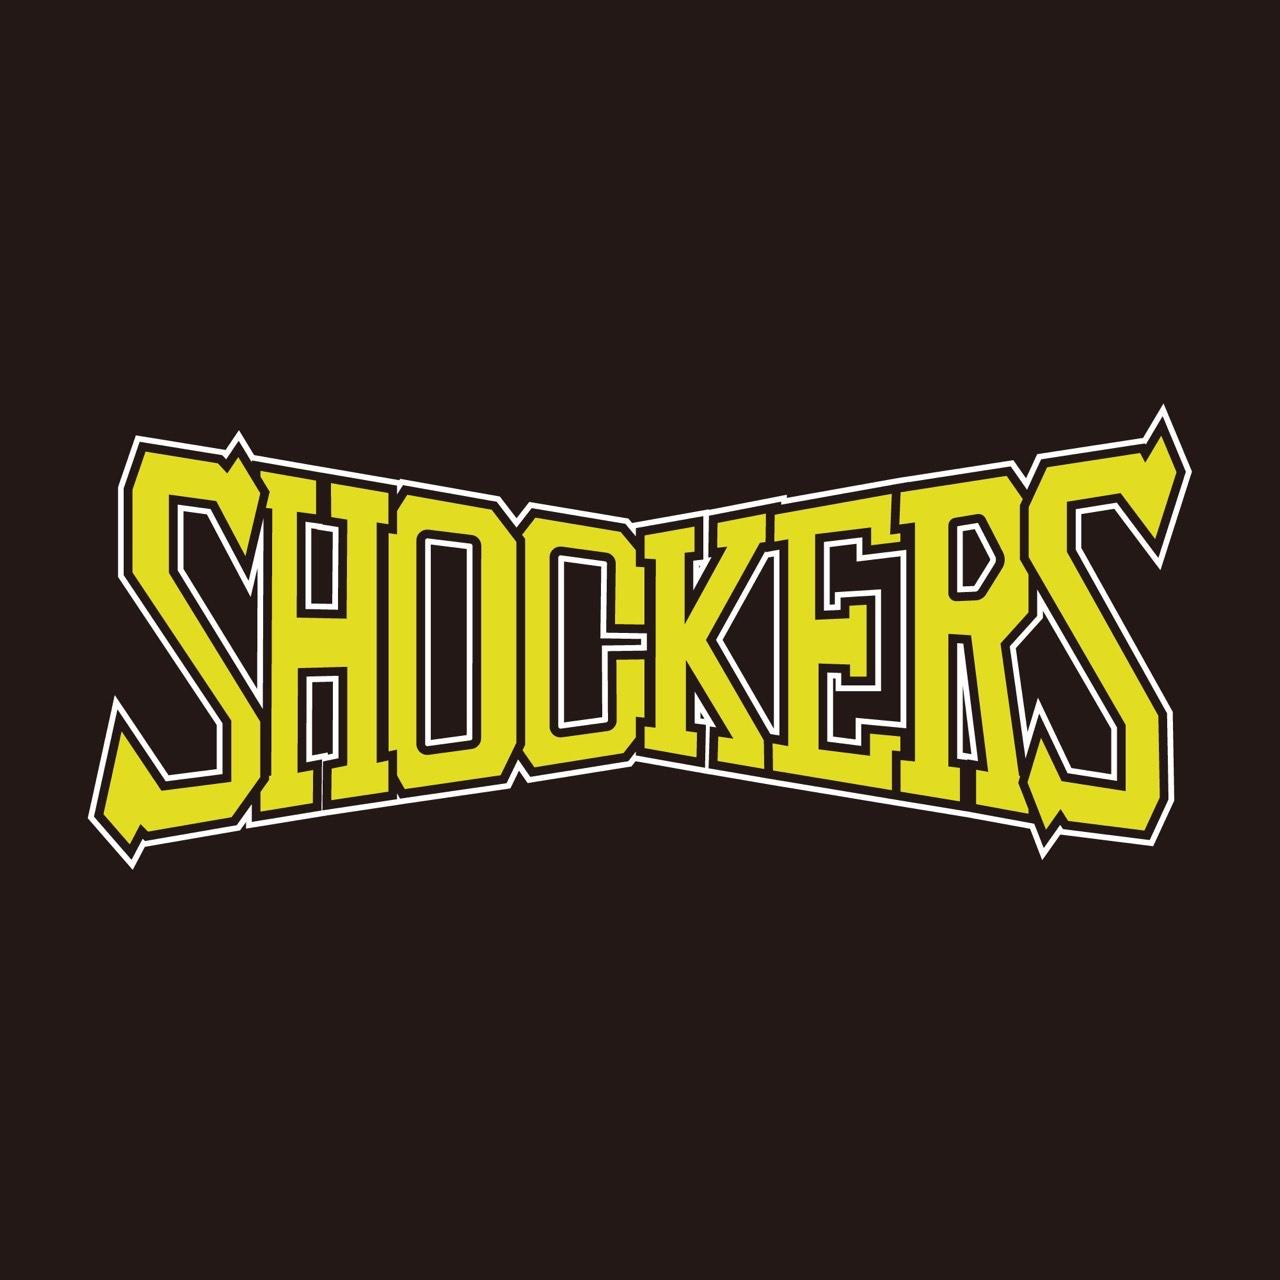 早稲田大学男子チアリーディングチームSHOCKERS